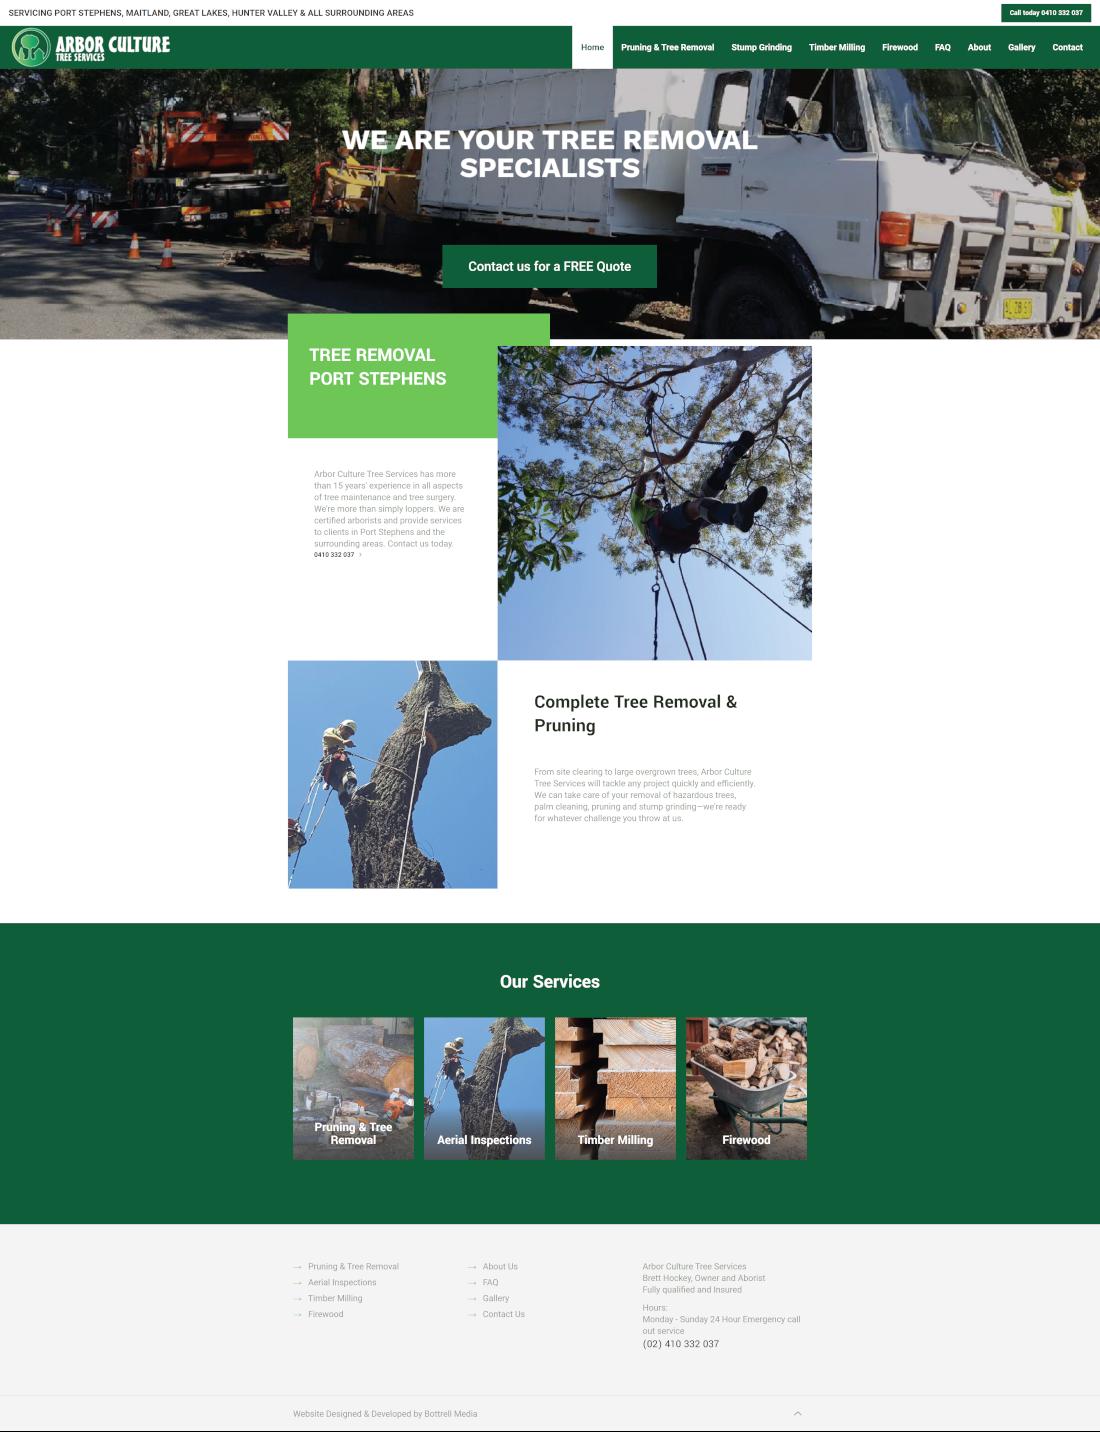 arborculture full homepage